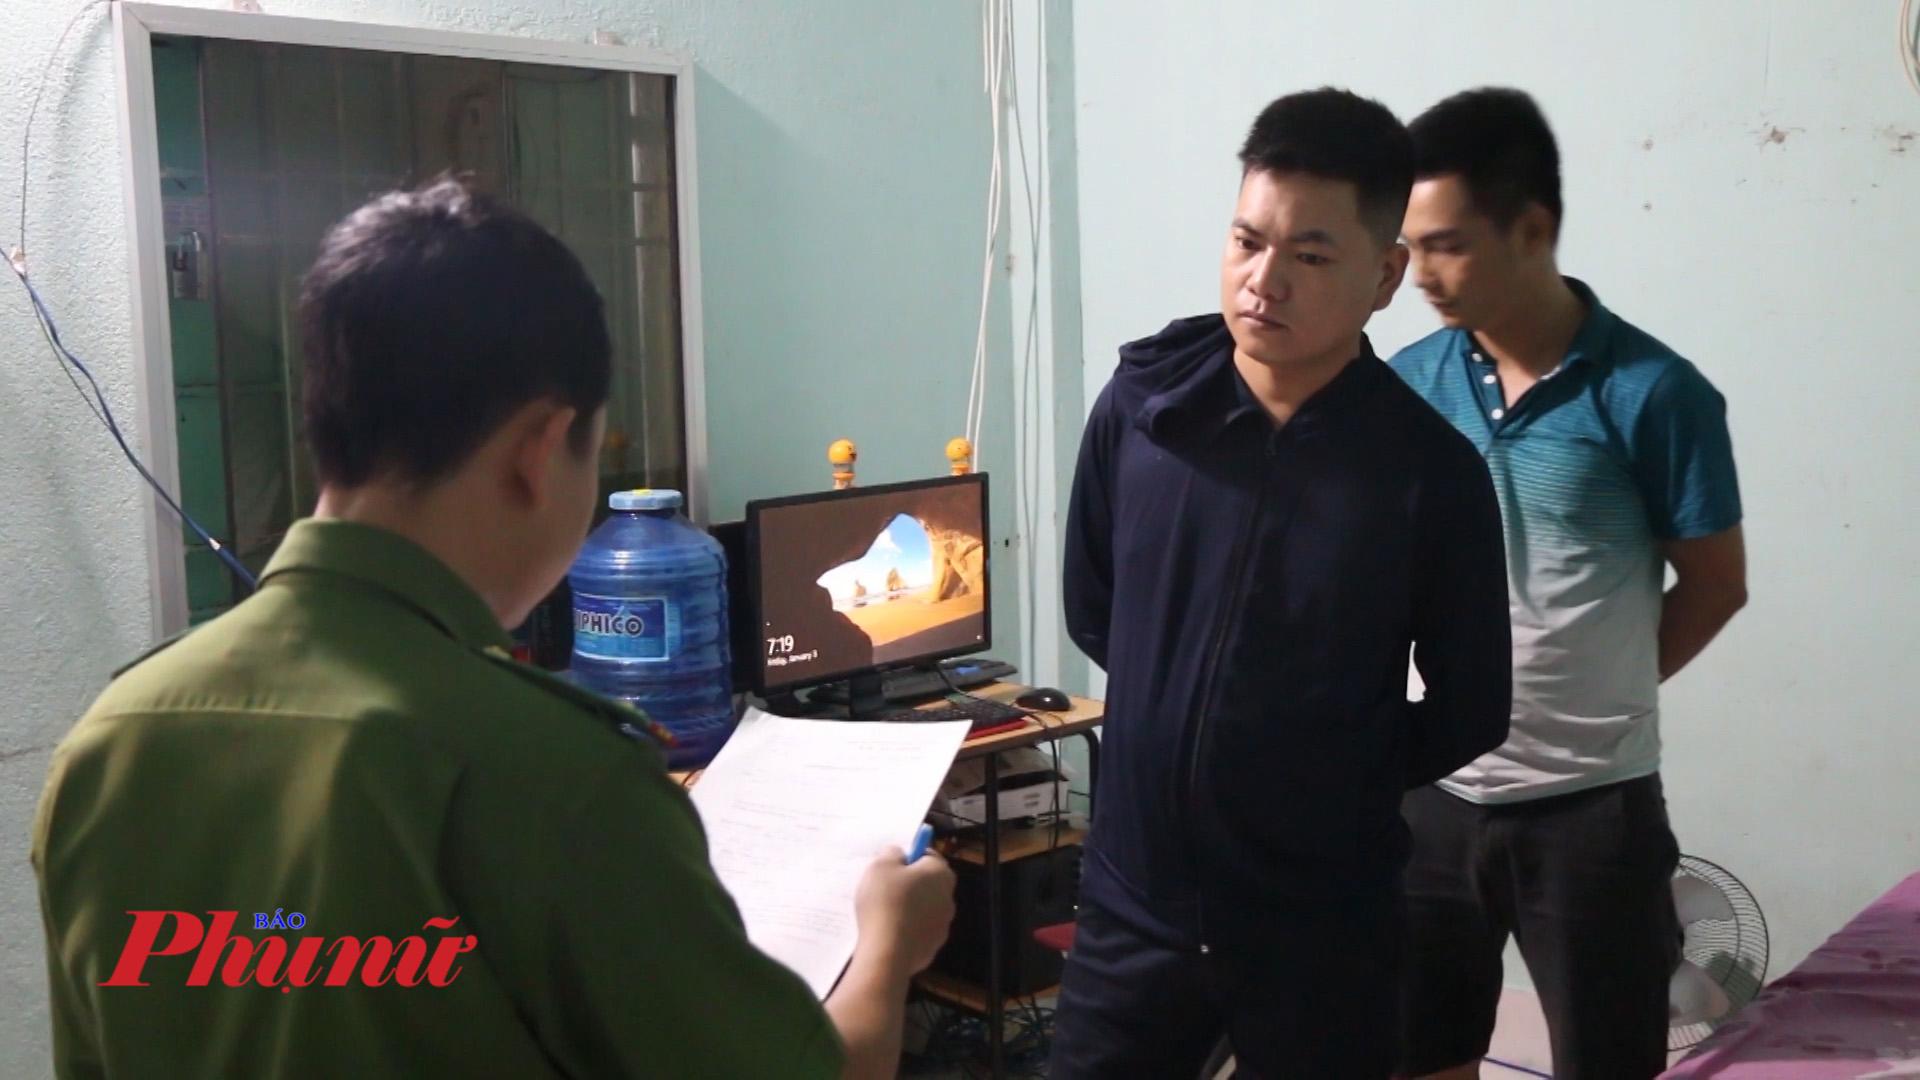 Đọc lệnh khám xét Phạm Văn Tuyến và Vũ Văn Bắc